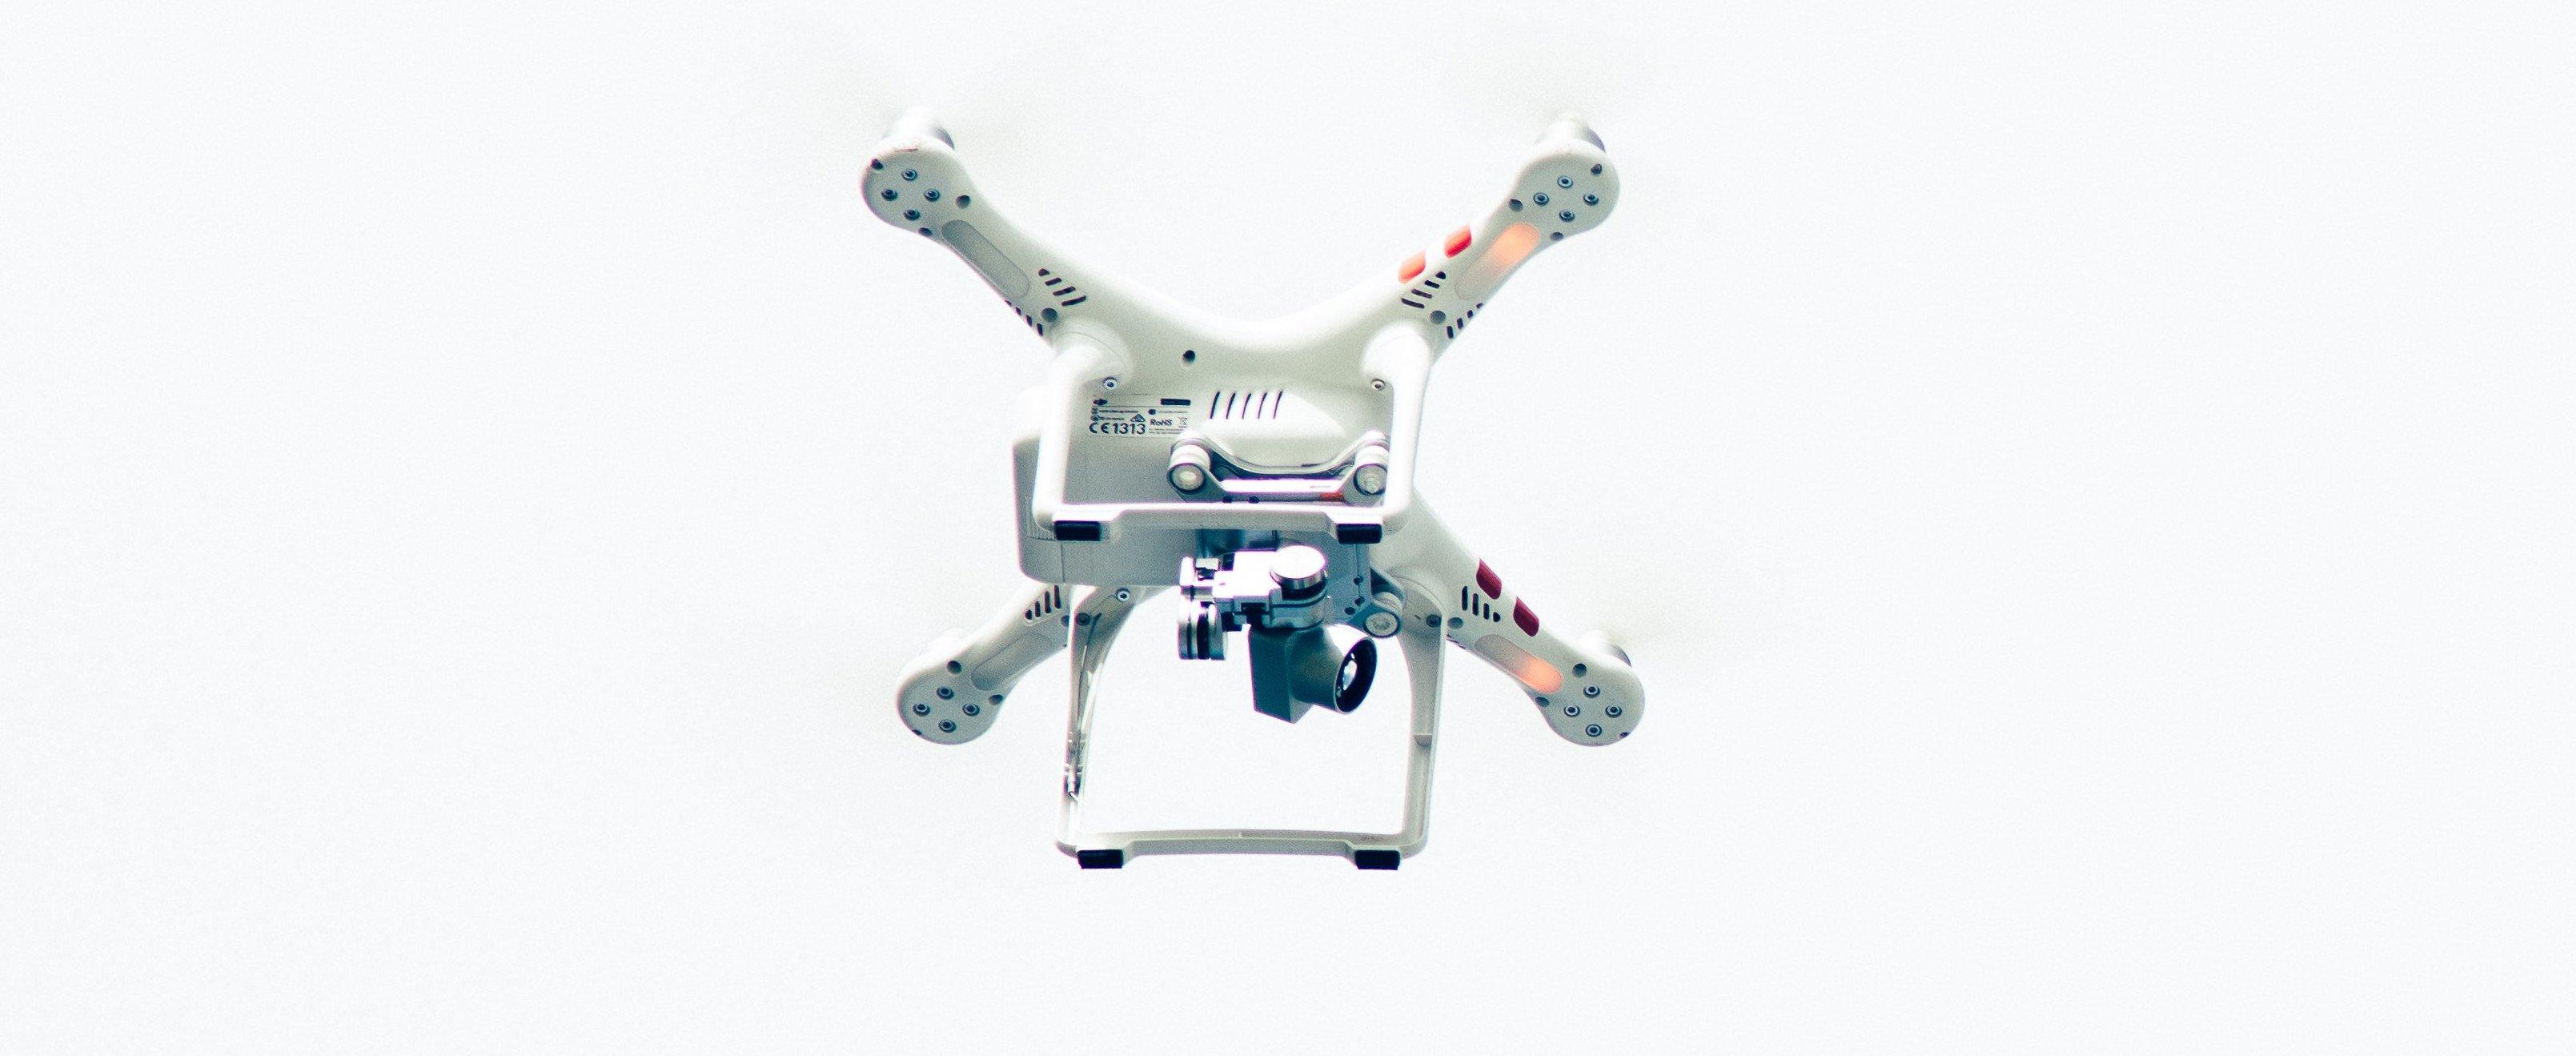 Abbild einer Drohne